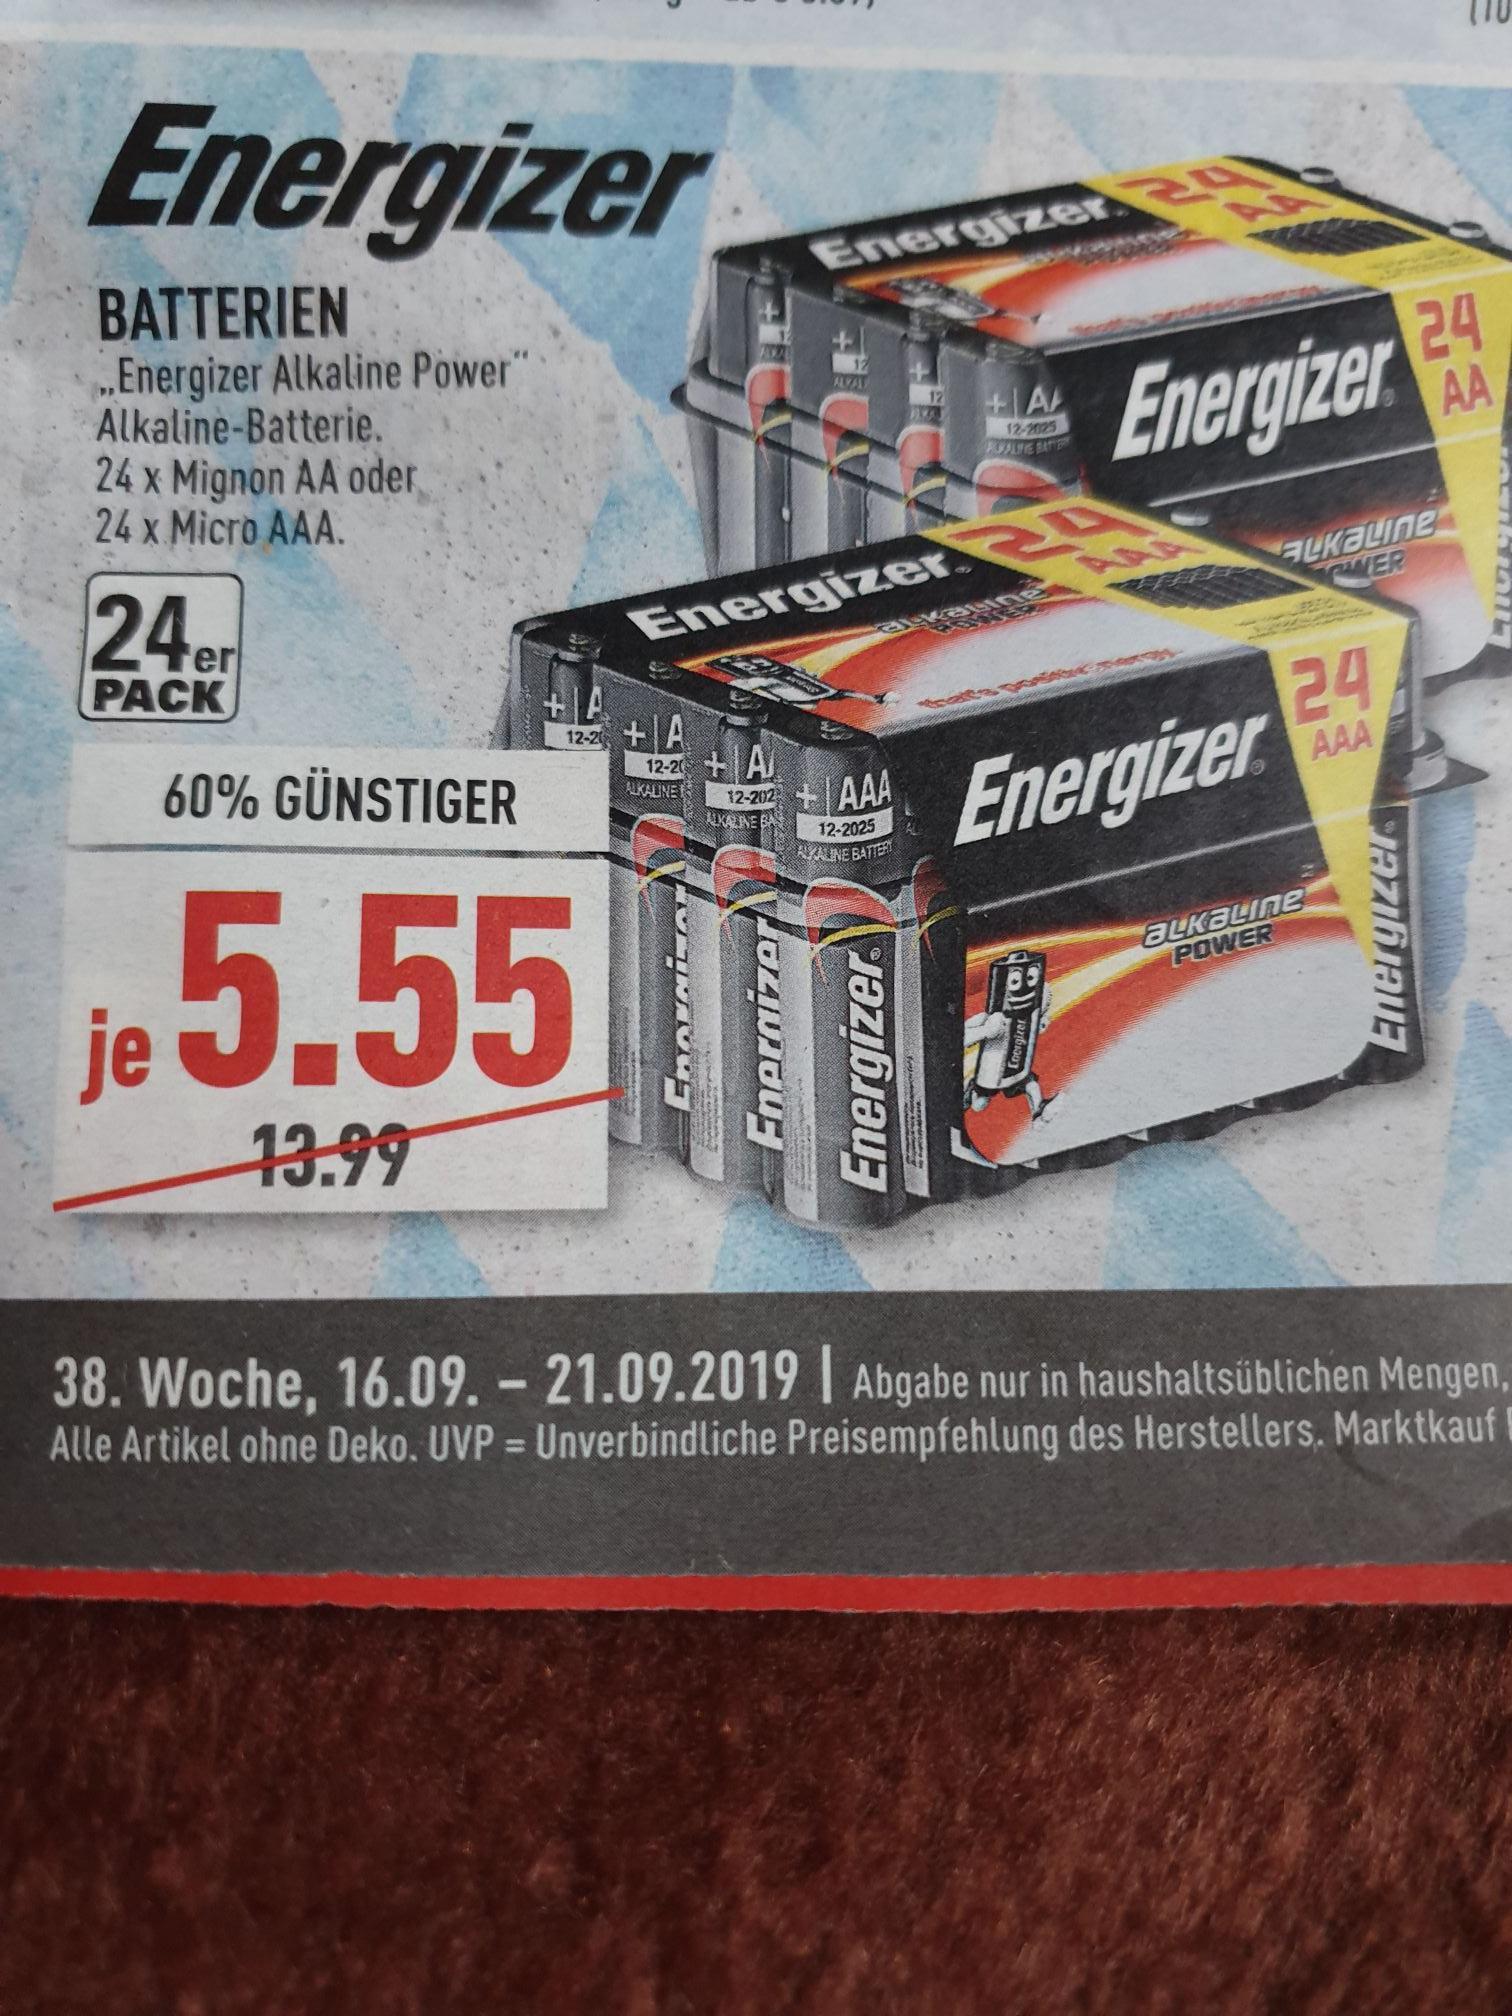 (Marktkauf) 24 Energizer Batterien Alkaline Power Mignon AA oder Micro AAA für 5,55€